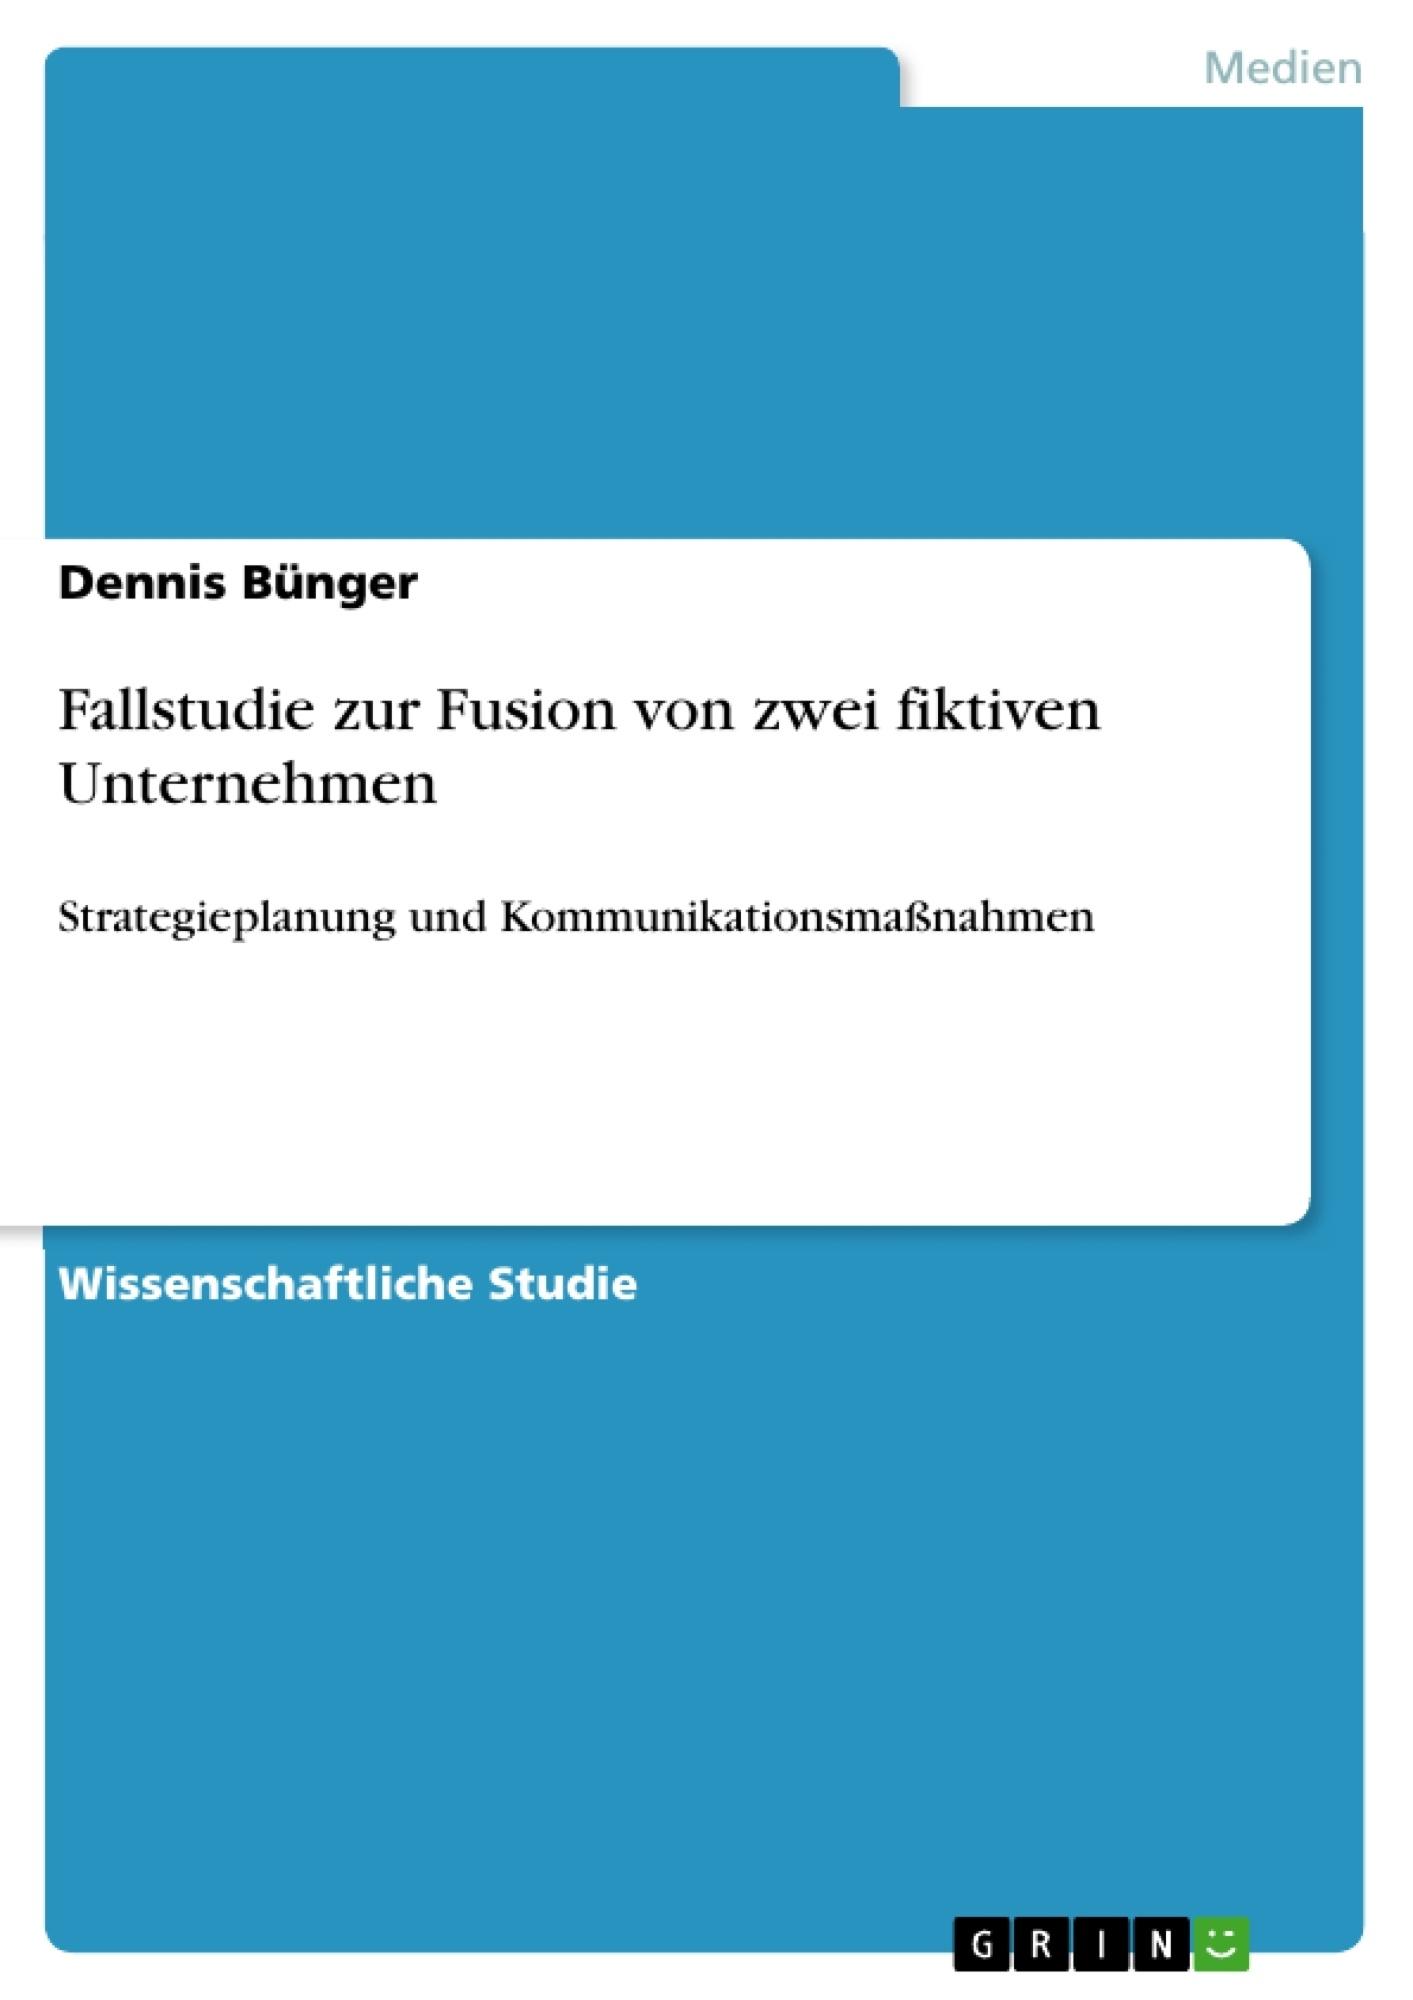 Titel: Fallstudie zur Fusion von zwei fiktiven Unternehmen